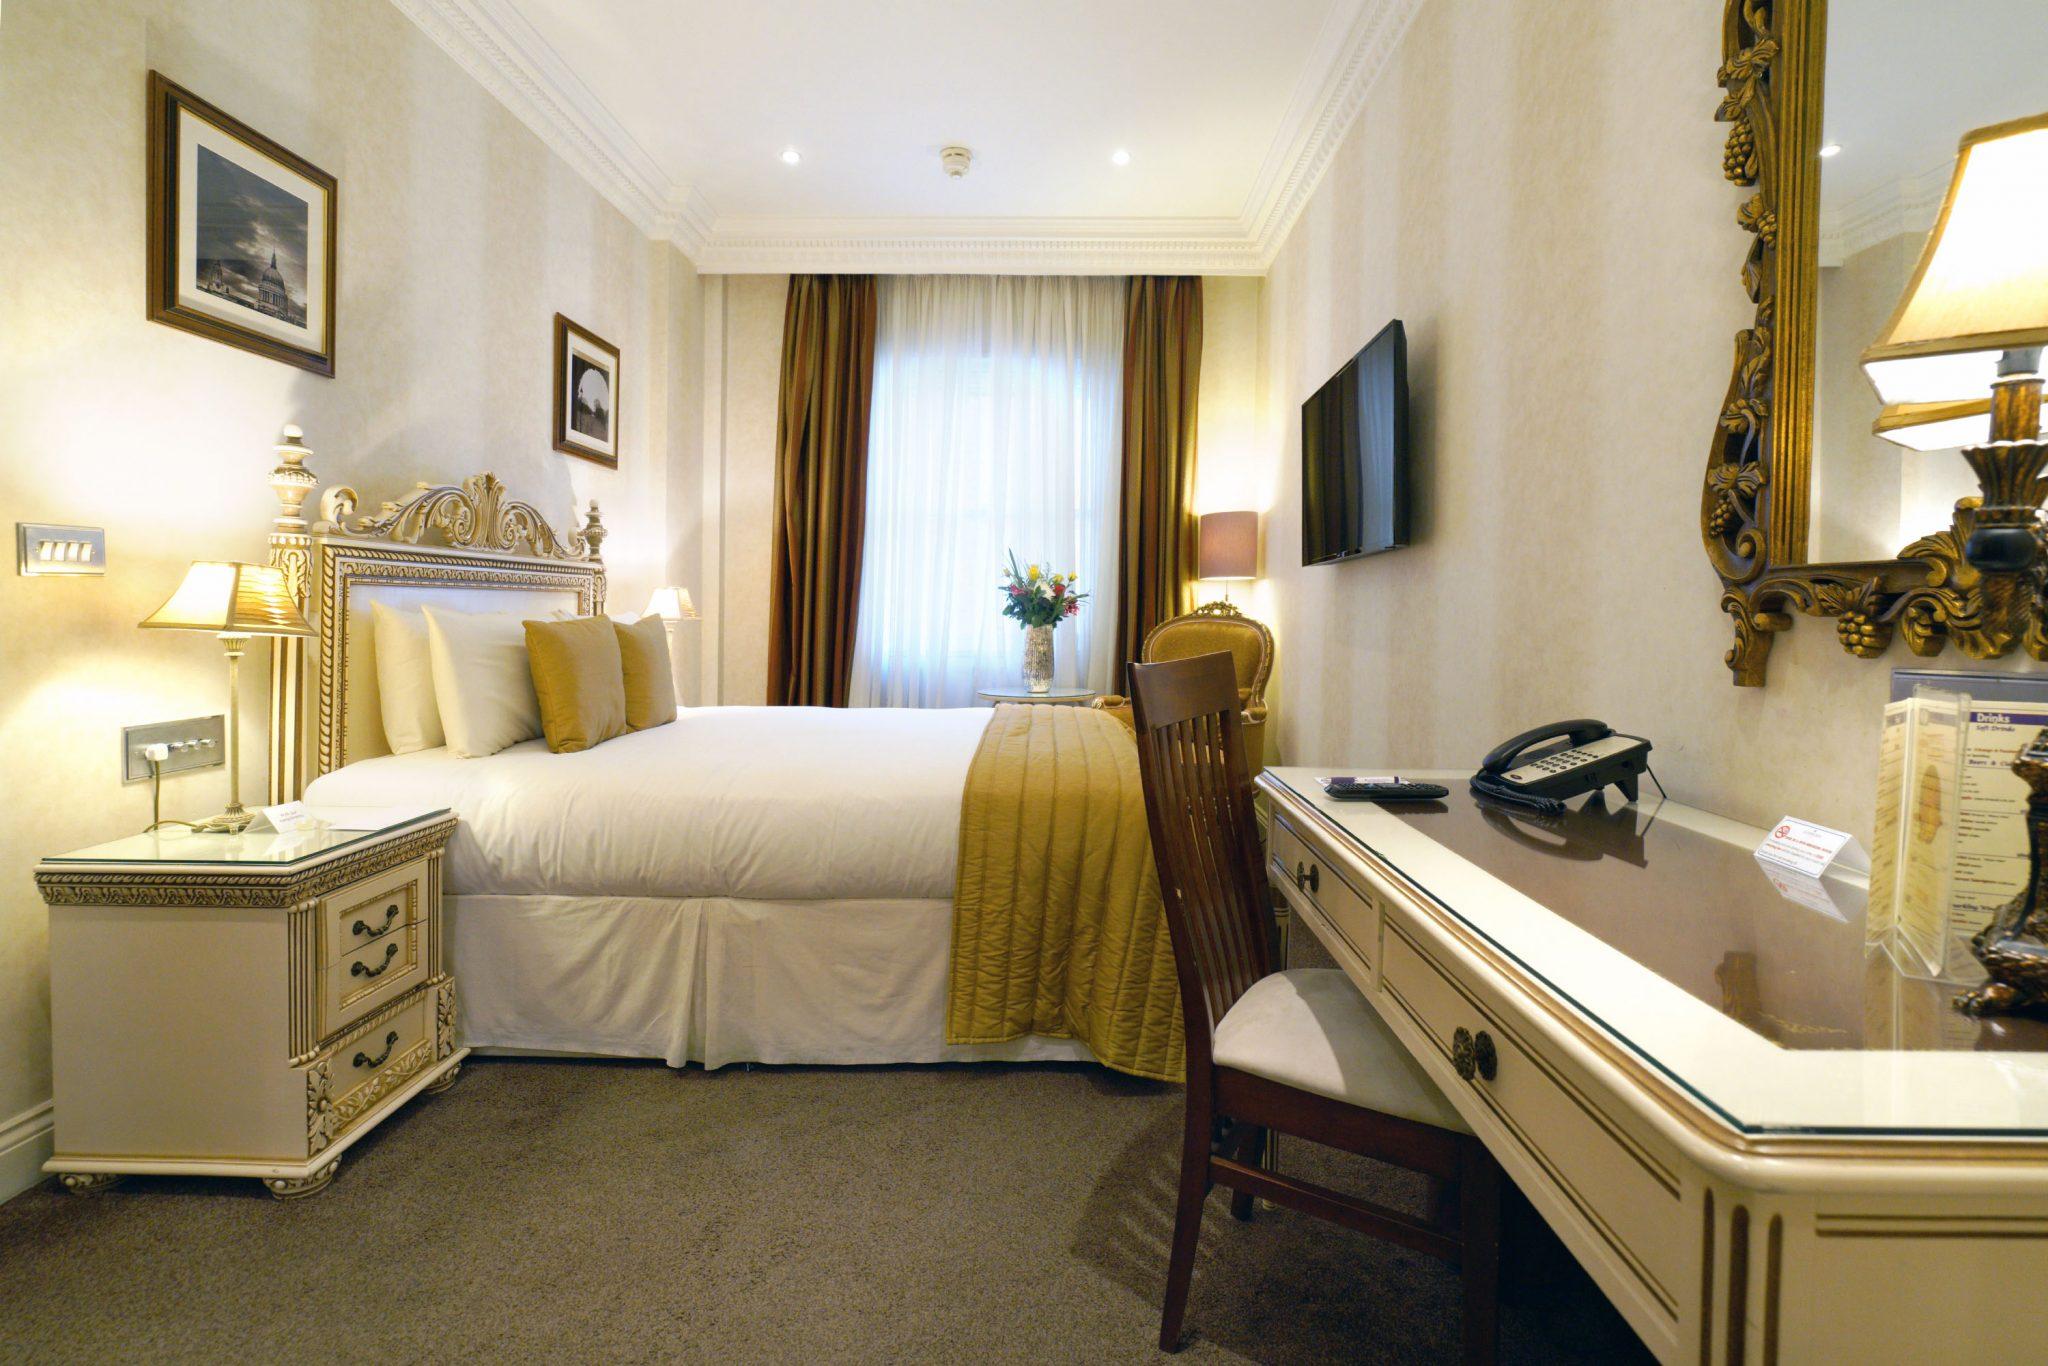 Ashburn Hotel Queen Double Room Maykenbel Properties